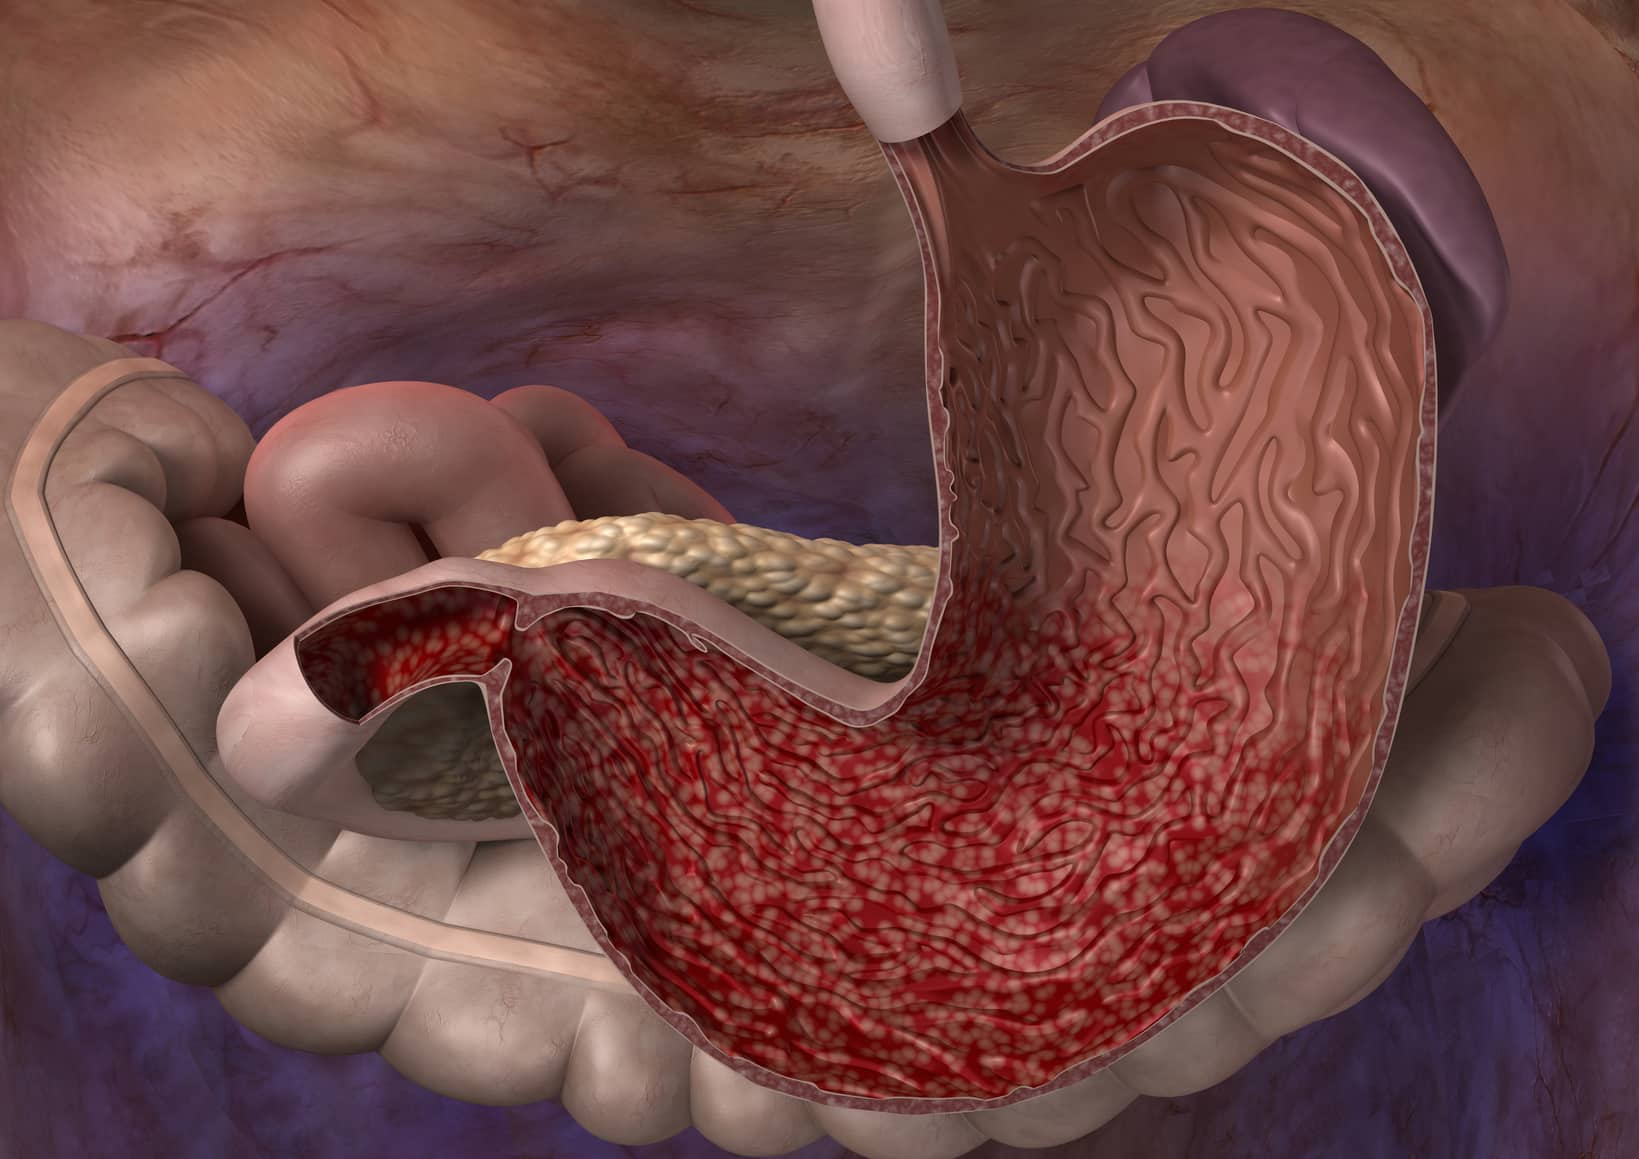 Magenschleimhautentzündung? Wir haben die perfekten Hausmittel um dir bei einer schnellen Behandlung zu helfen. Fotolia © Alex